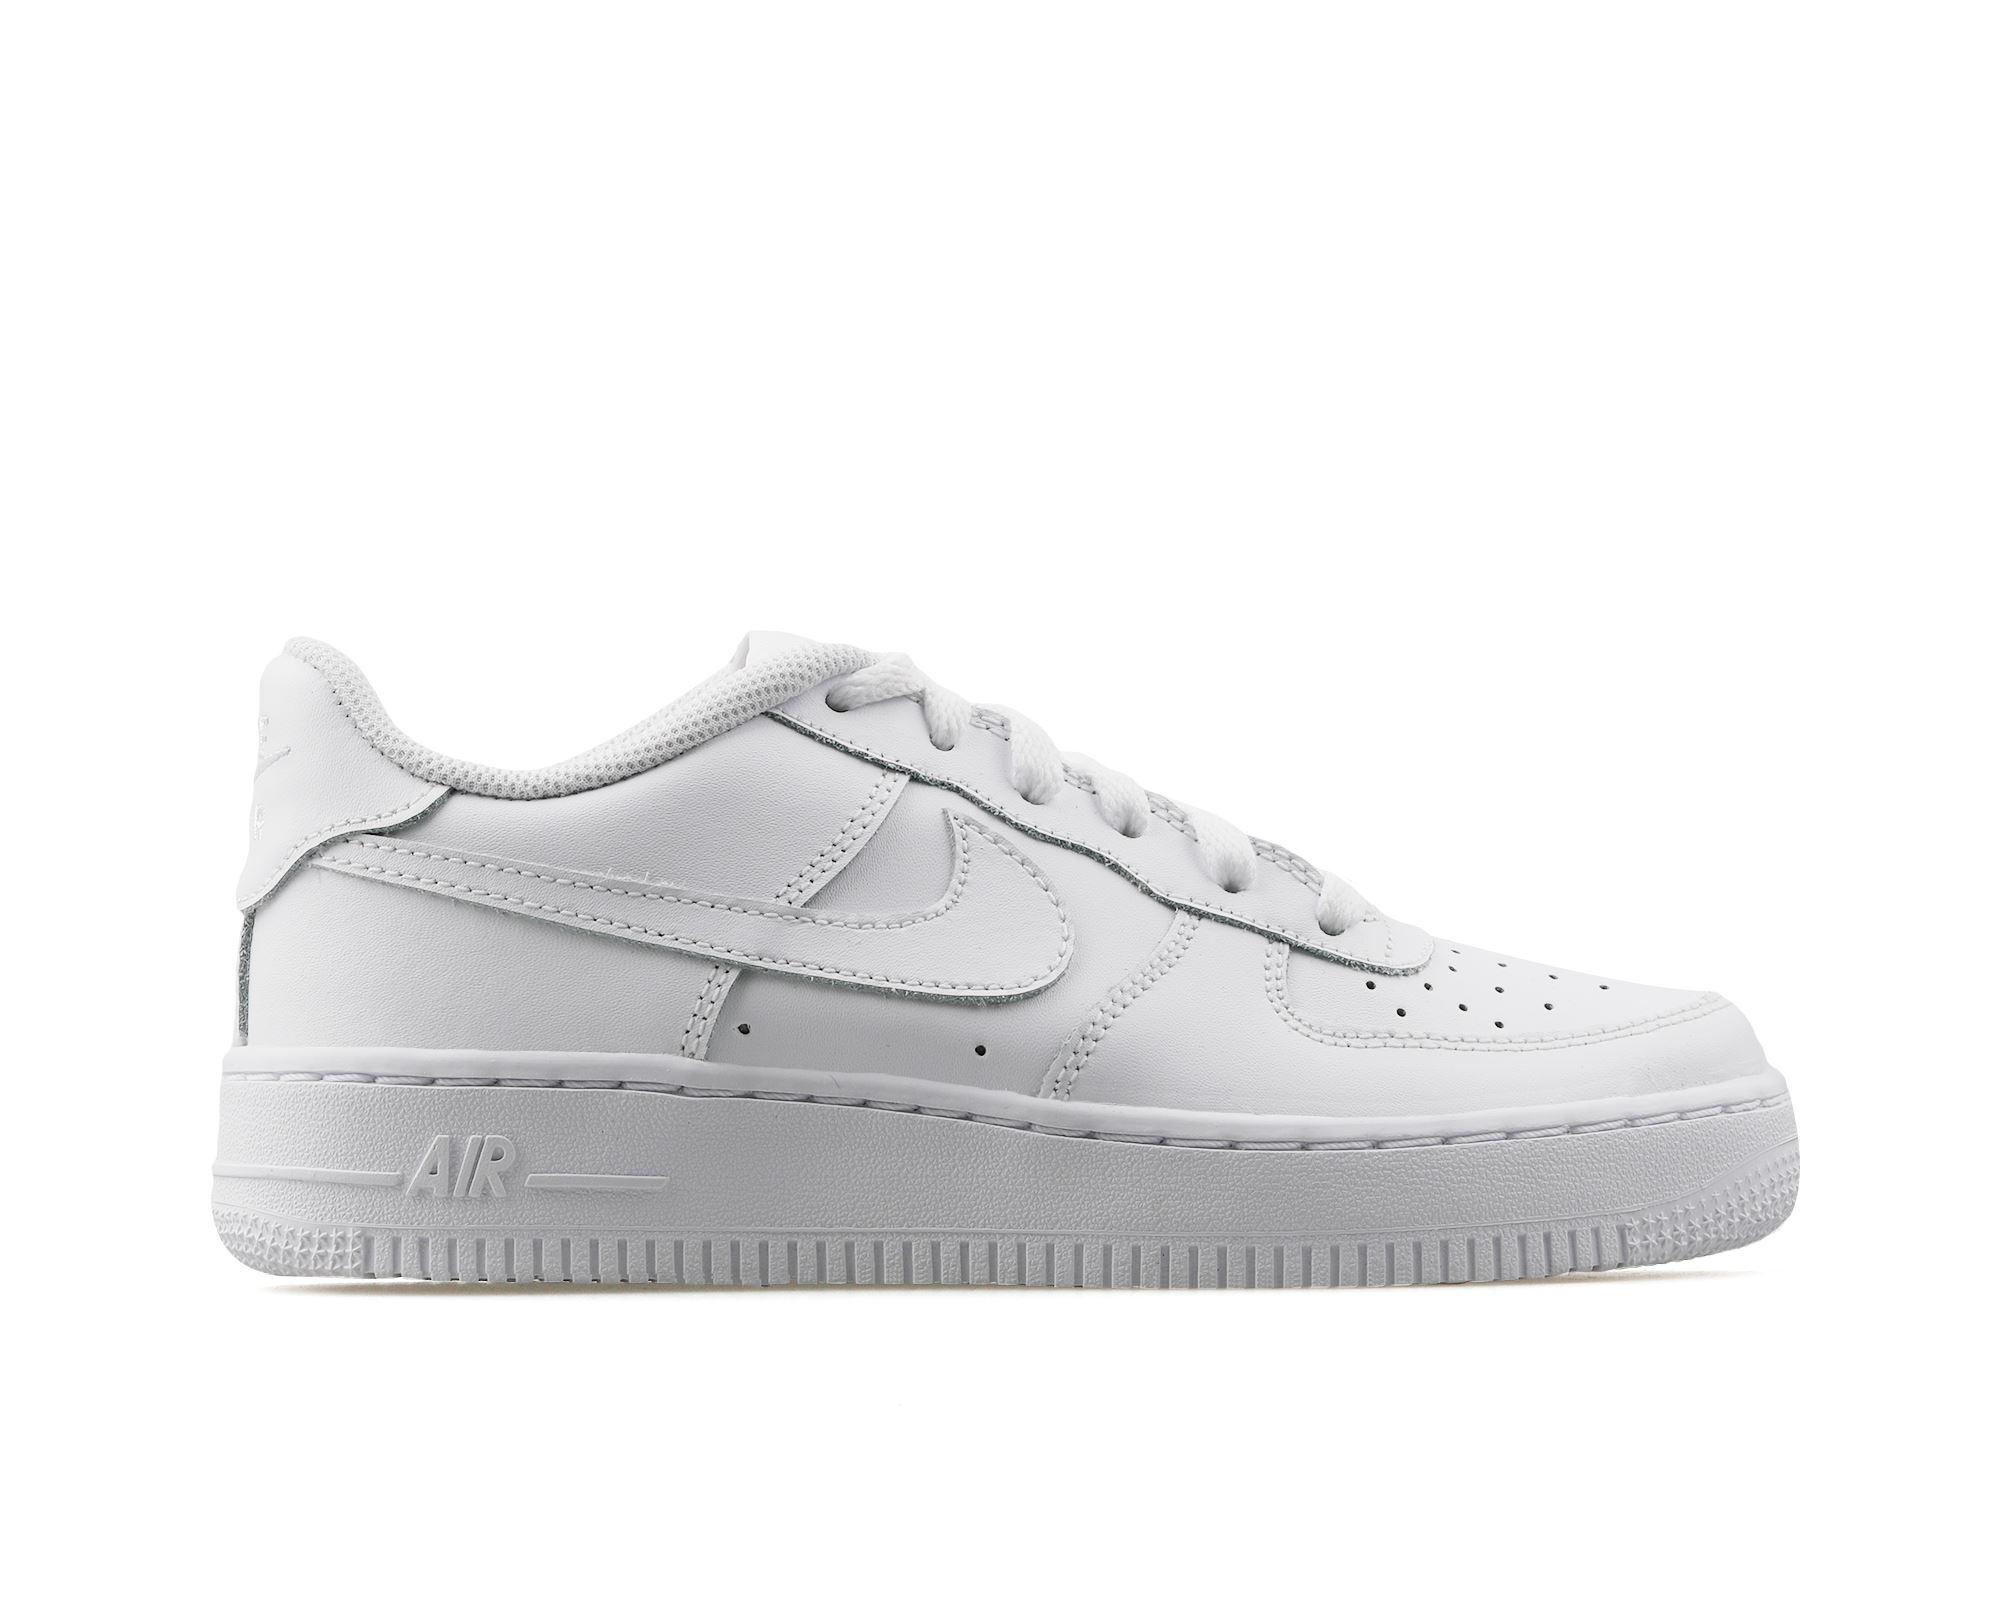 Erkek Sneakers Ayakkabı Modelleri